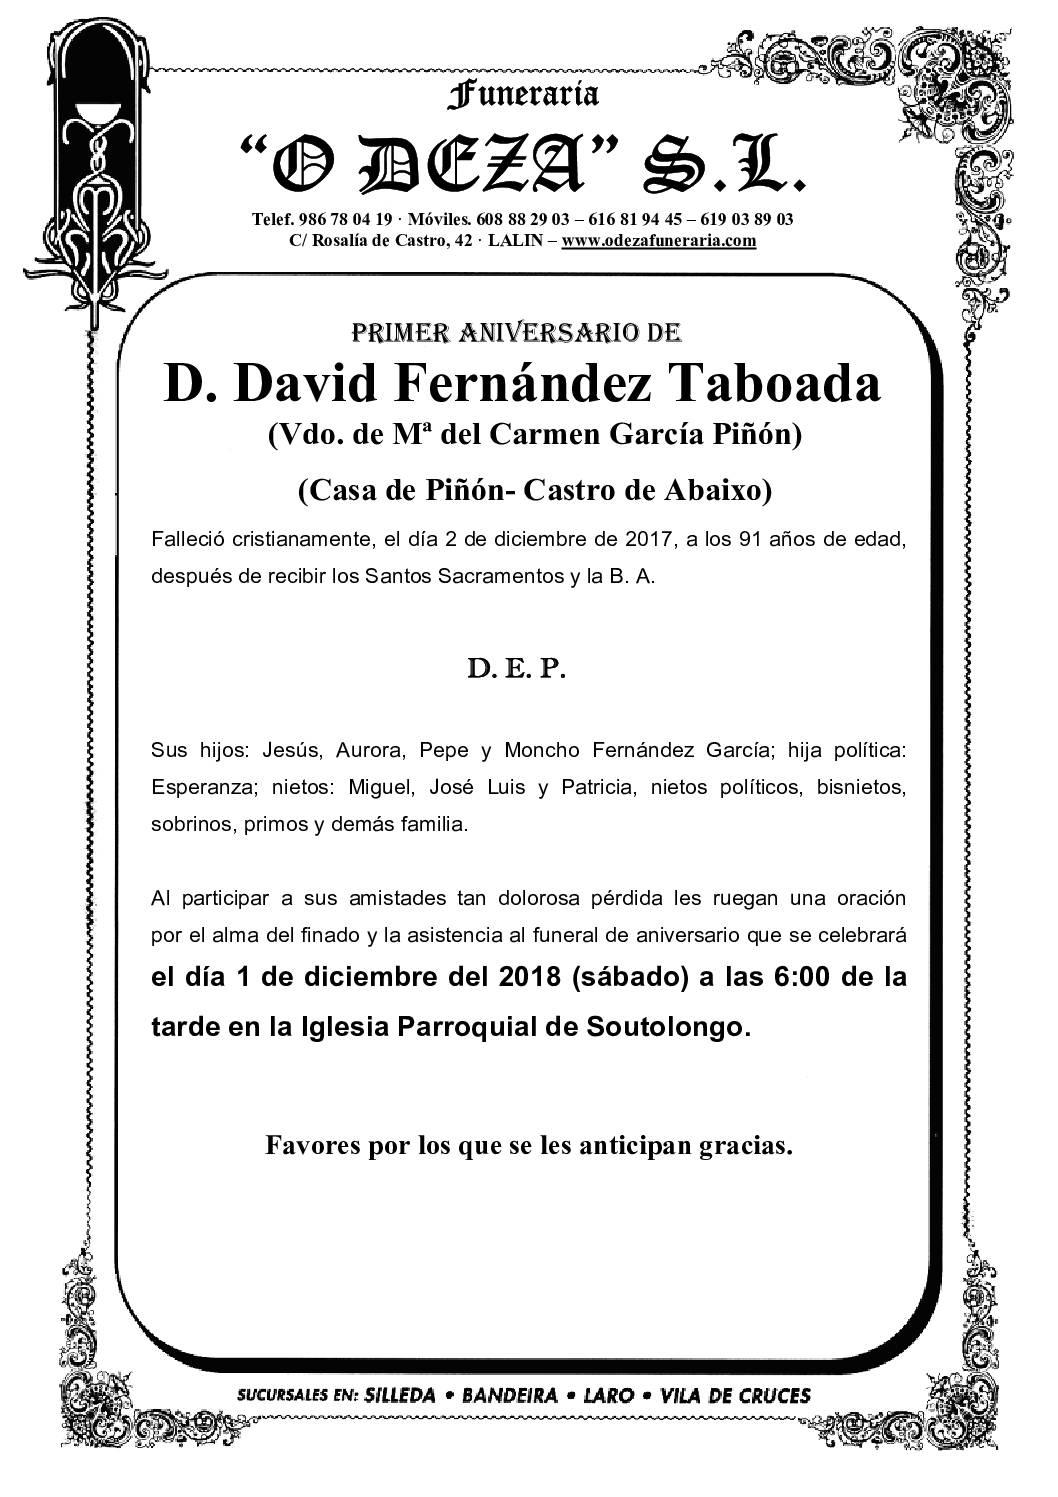 D. DAVID FERNÁNDEZ TABOADA